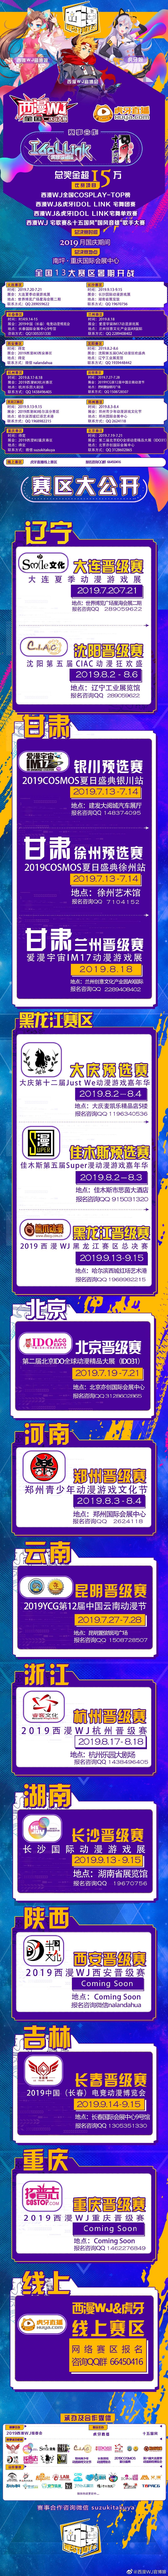 2019年7月20日-21日,西漫WJ全国二次元大赛北京赛区即将盛大开赛! 展会活动-第4张